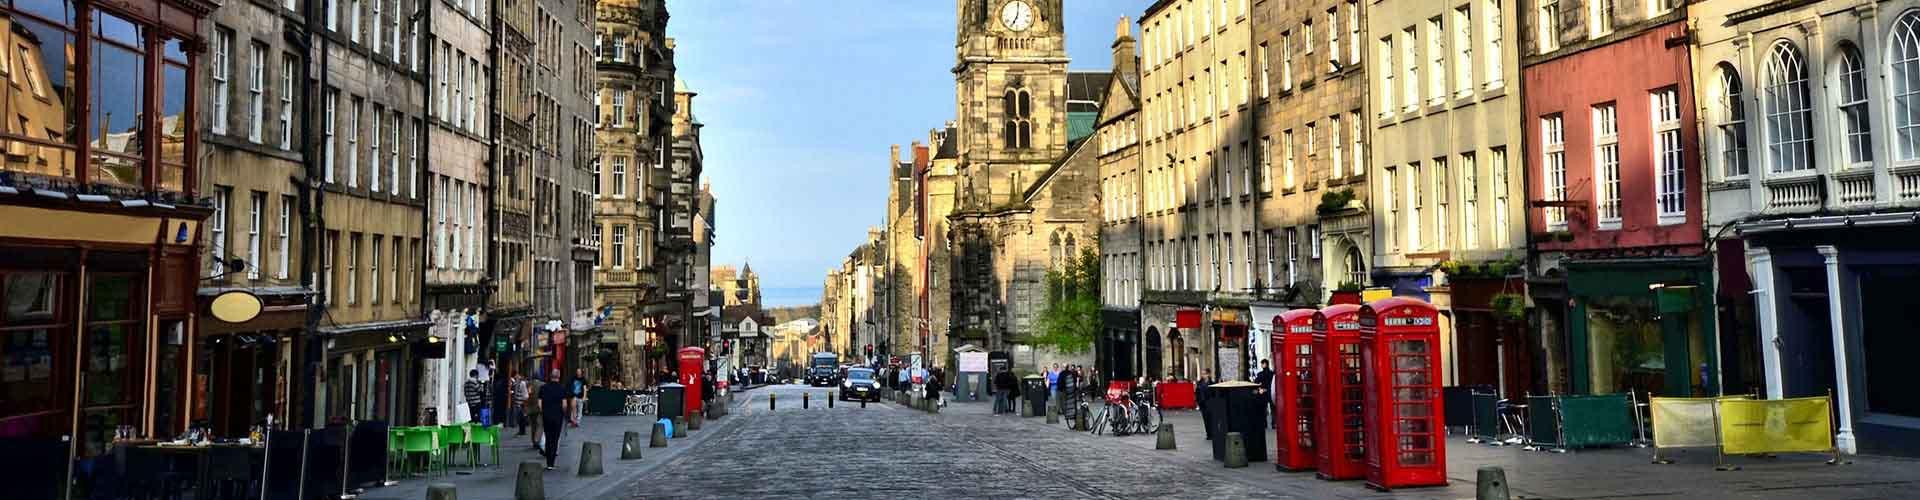 Edinburgh – Hotellit kaupungiosassa Royal Mile. Edinburgh -karttoja, valokuvia ja arvosteluja kaikista Edinburgh -hotelleista.